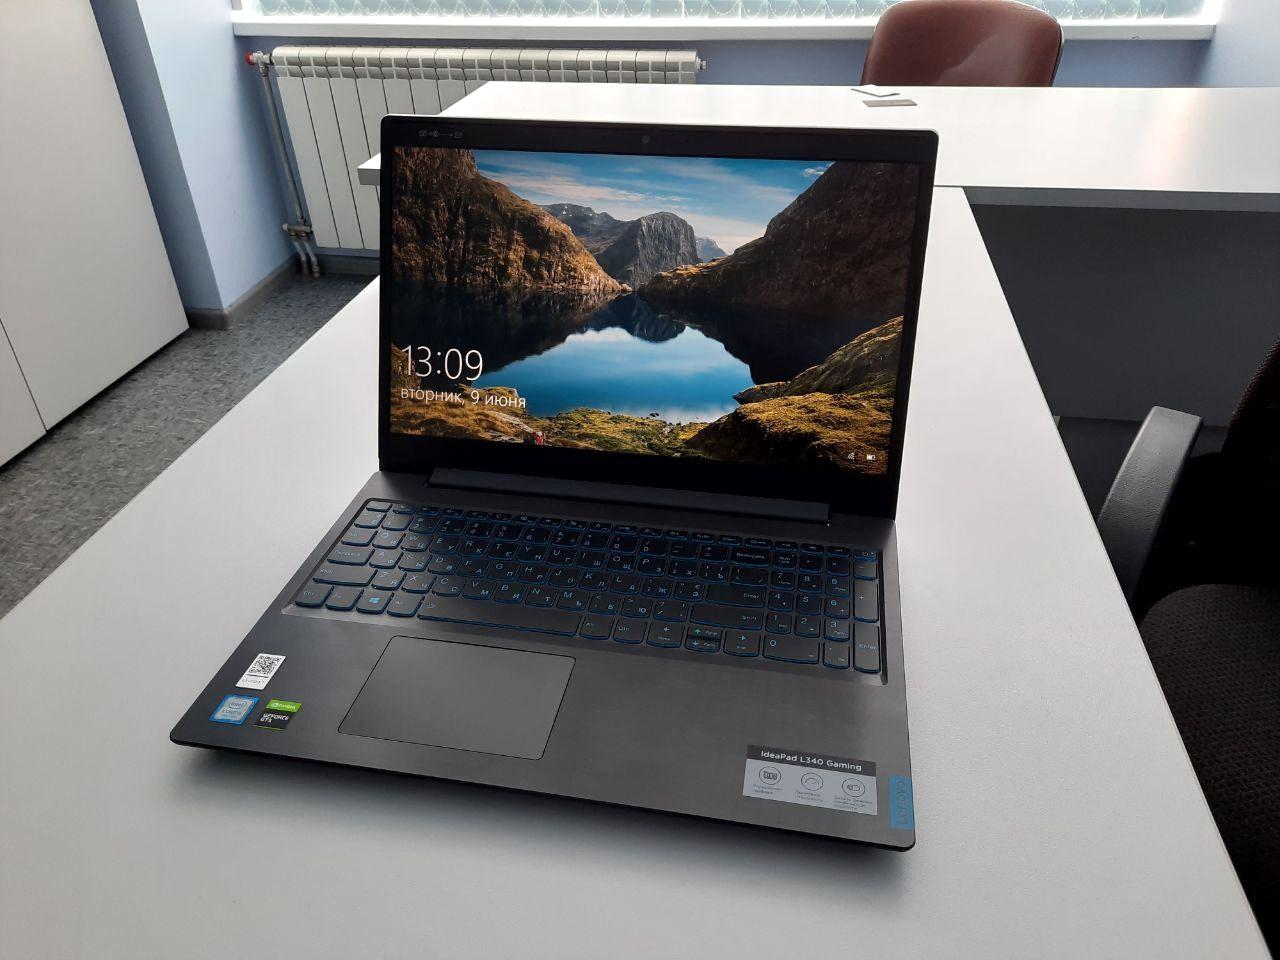 Огляд Lenovo IdeaPad L340 Gaming. Що можна поставити на недорогий ігровий ноутбук